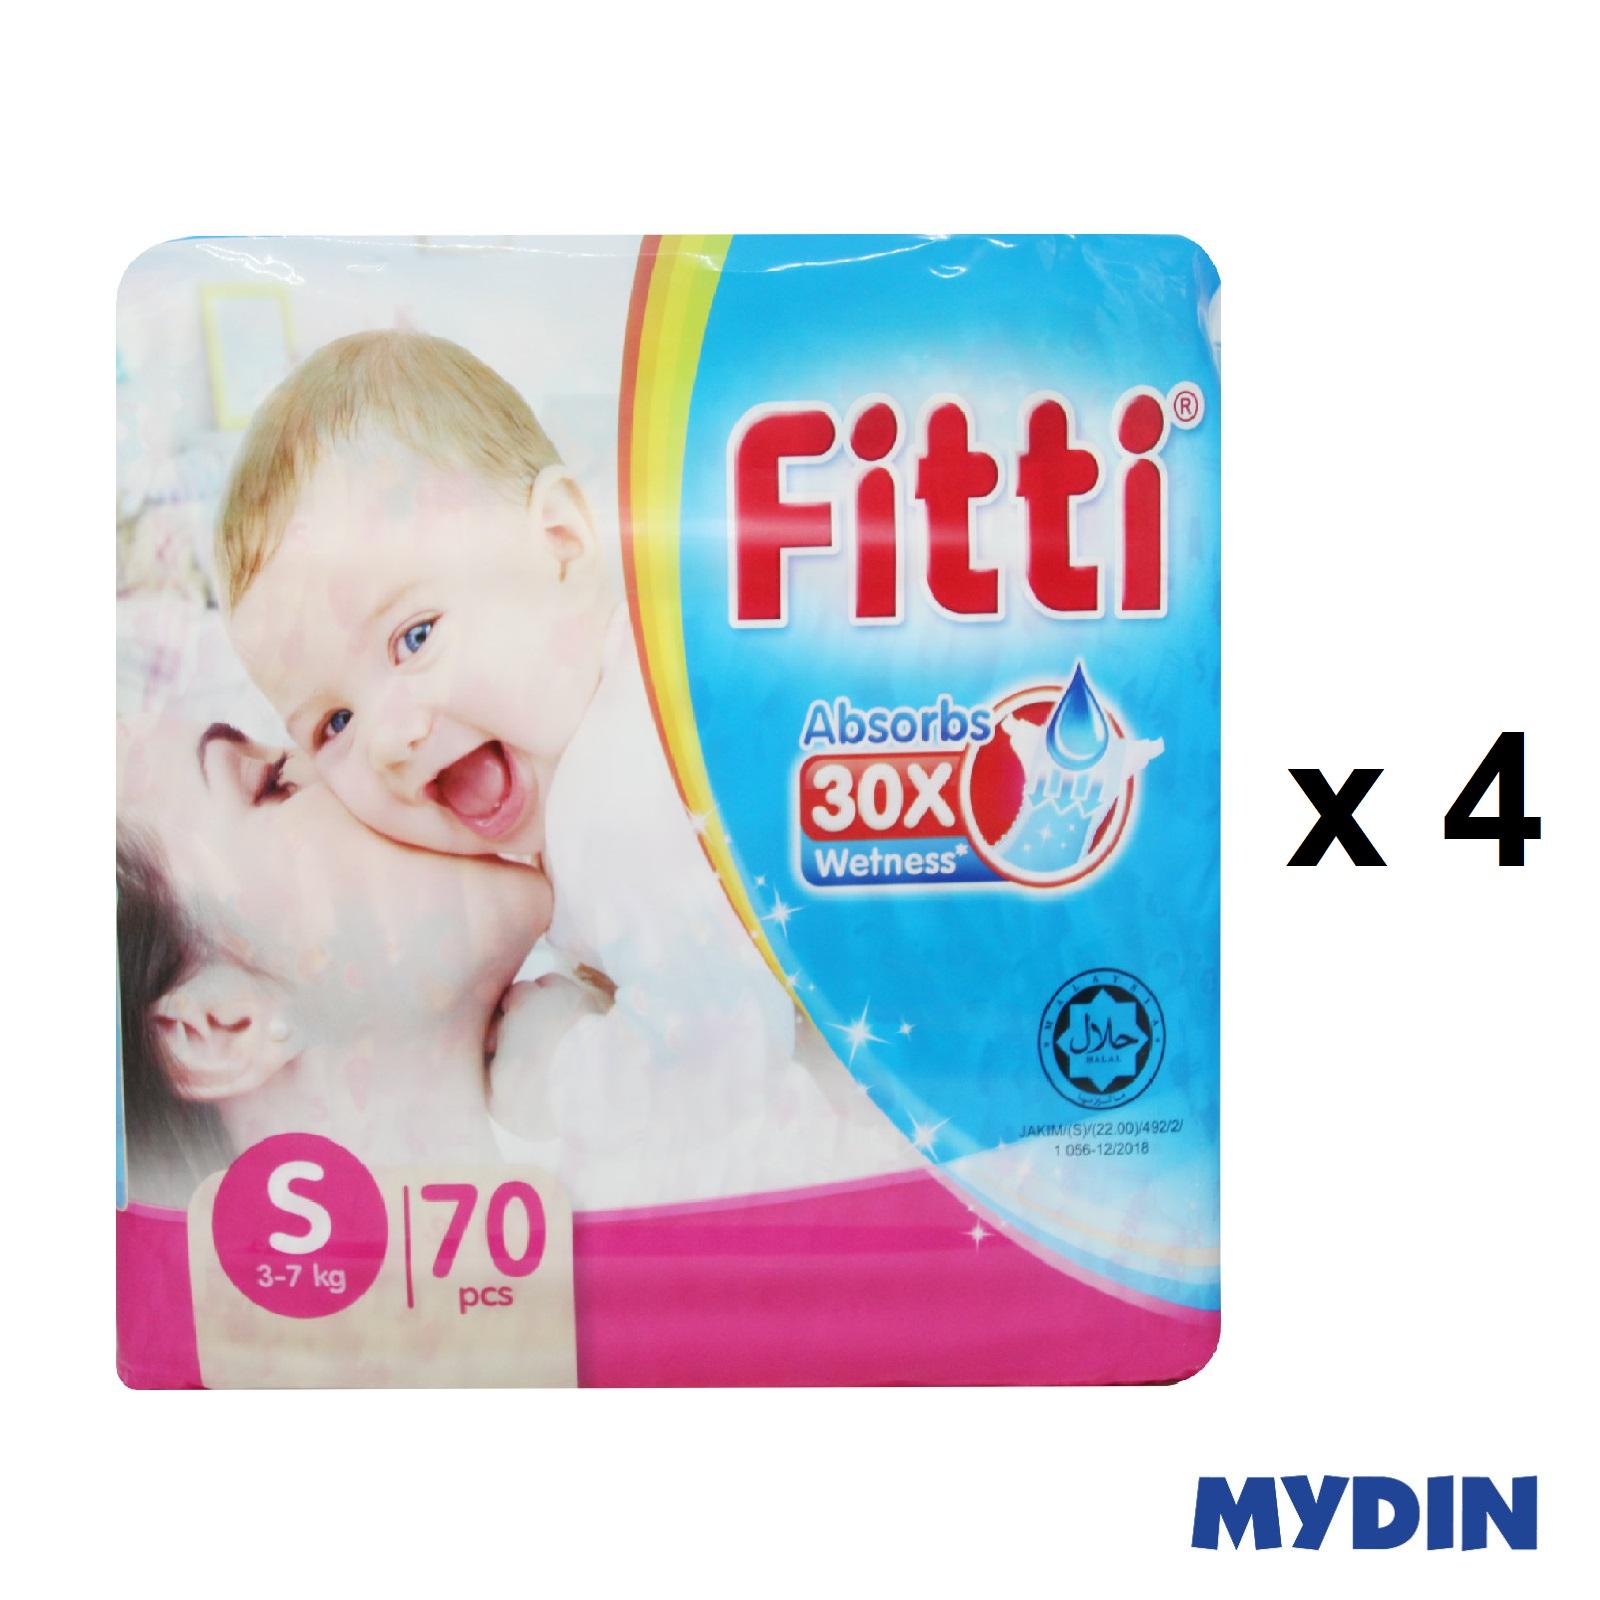 Fitti Jumbo Pack S70 x 4 Packs